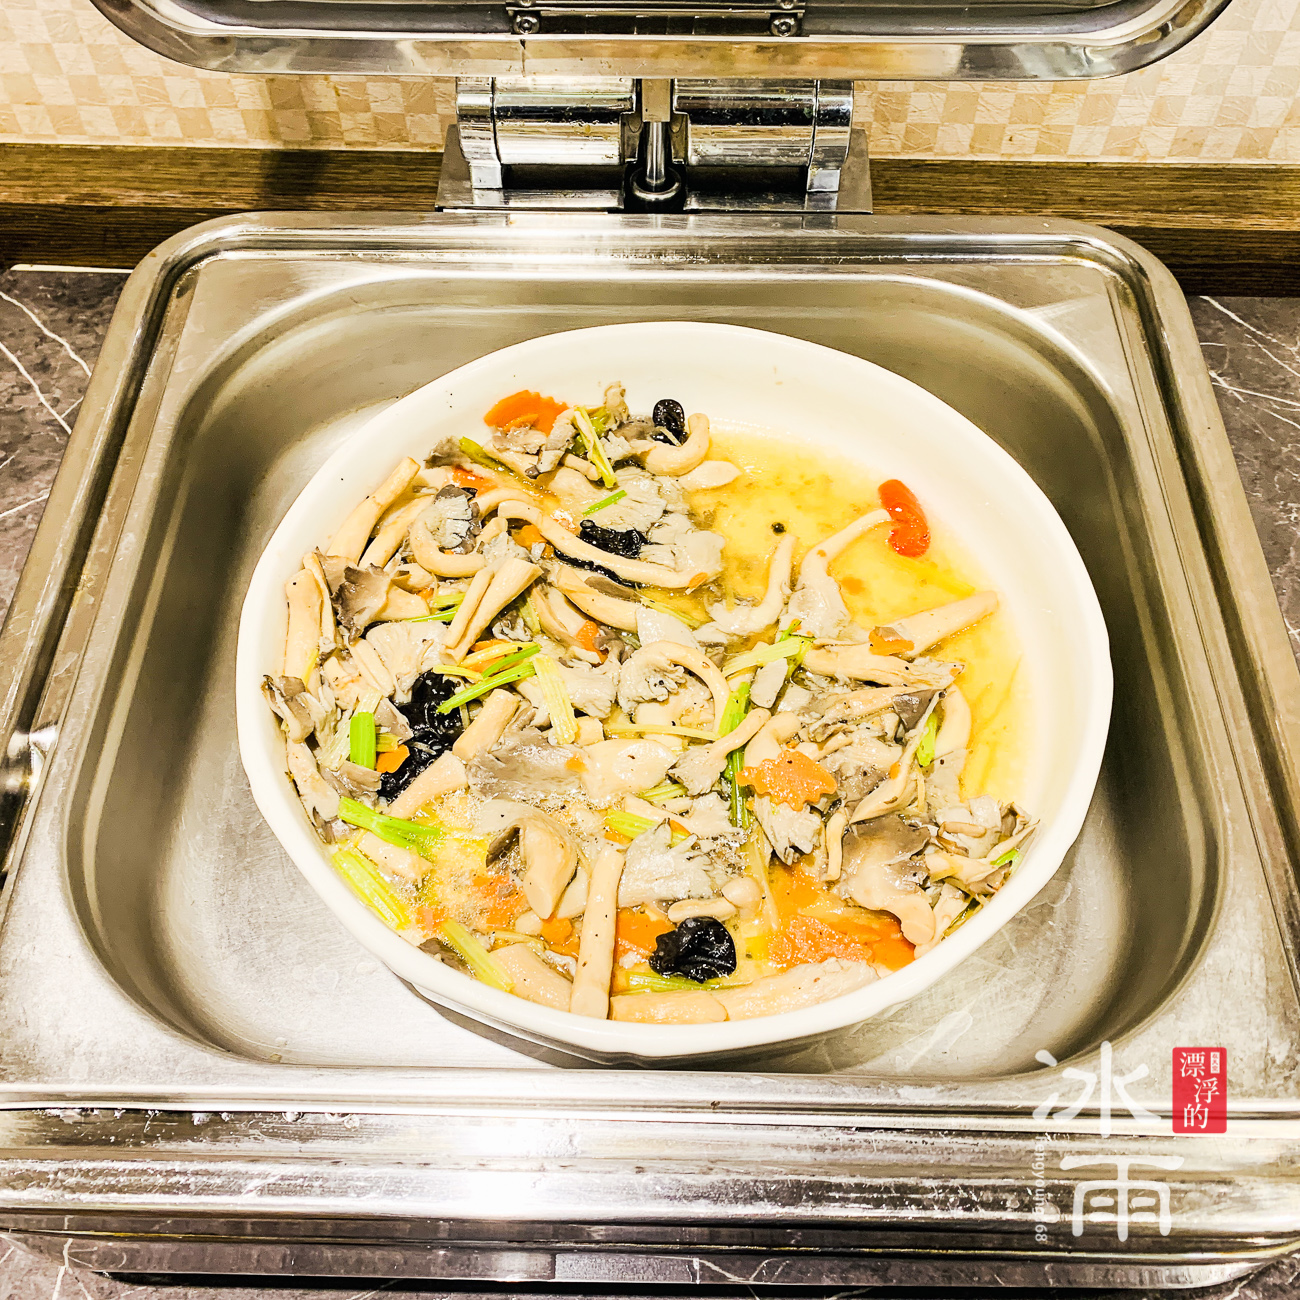 川湯春天溫泉飯店德陽館 早餐 中式熱炒